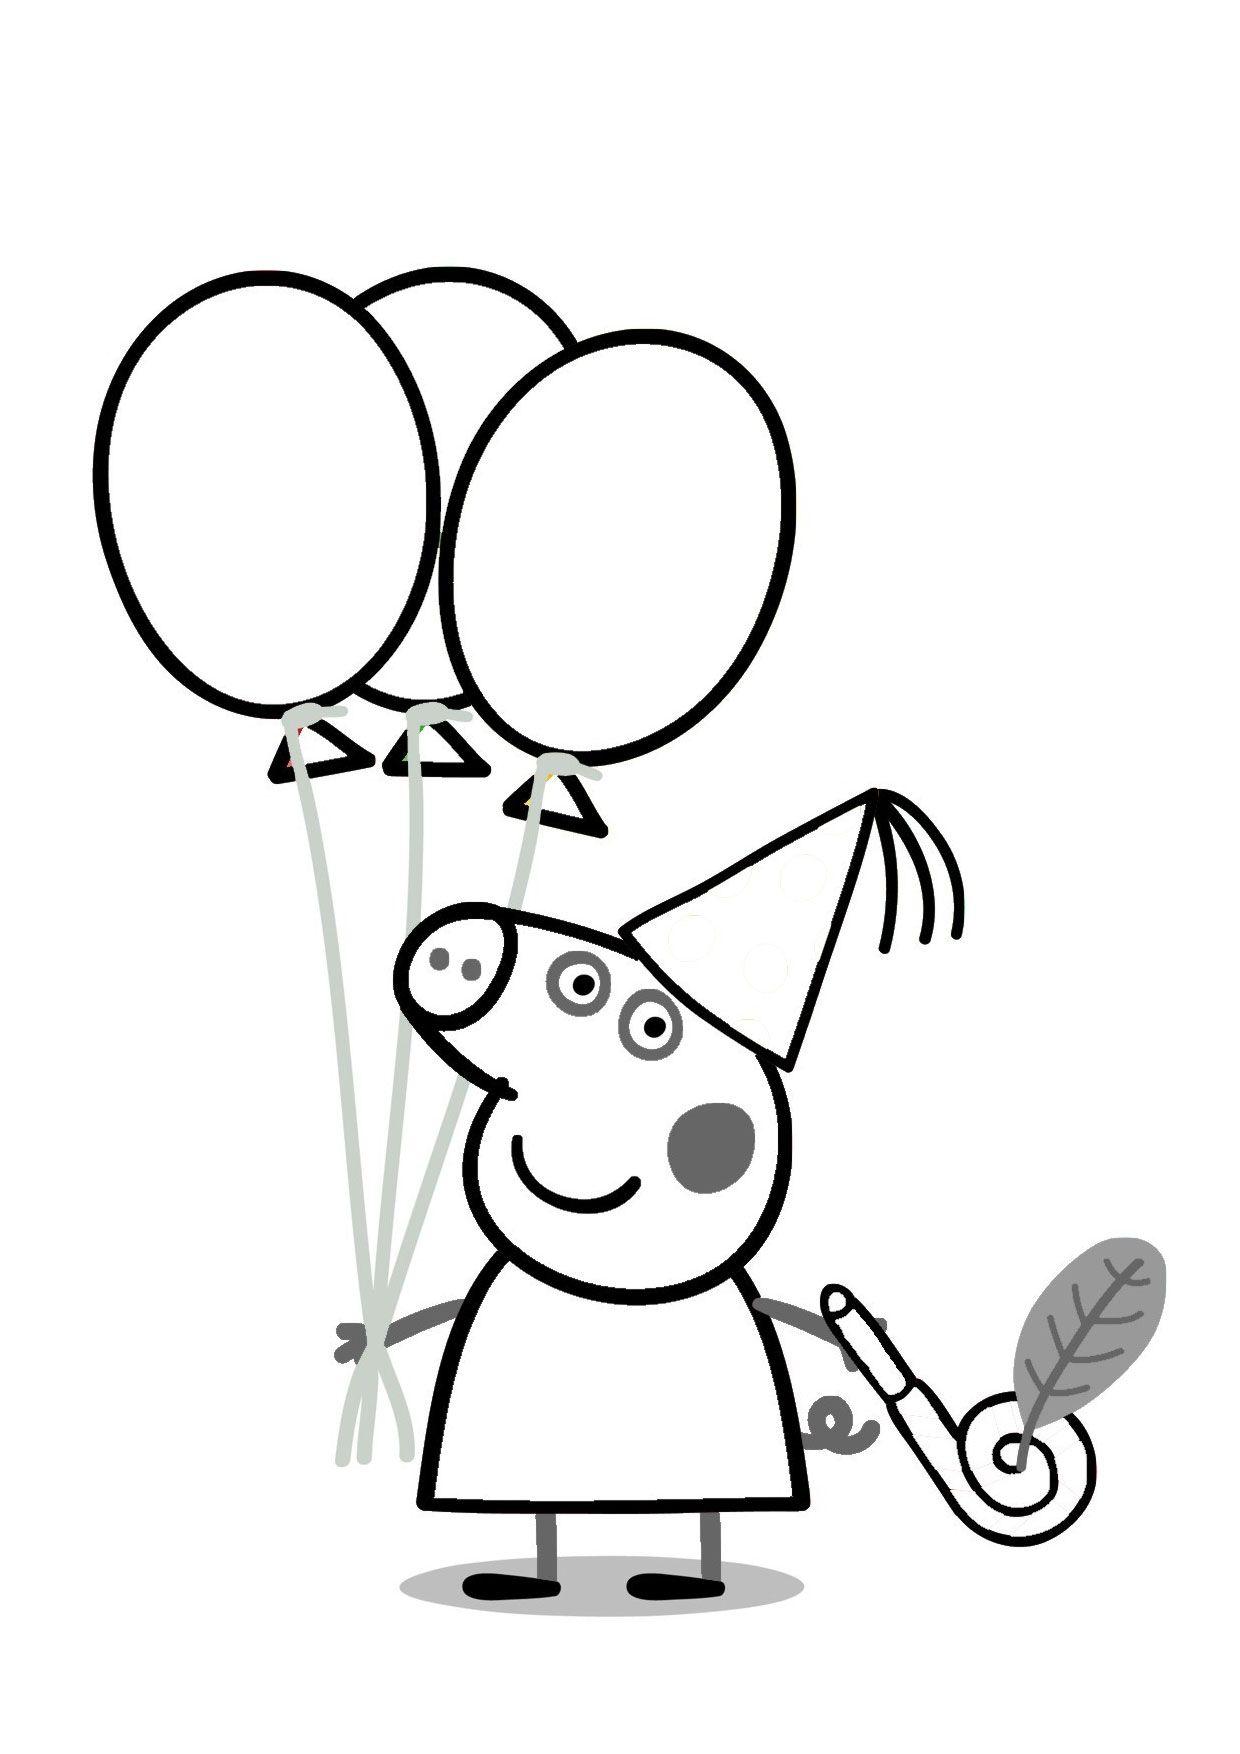 54 Disegni Di Peppa Pig Da Colorare Libri Da Colorare Peppa Pig Festa Di Compleanno Peppa Pig